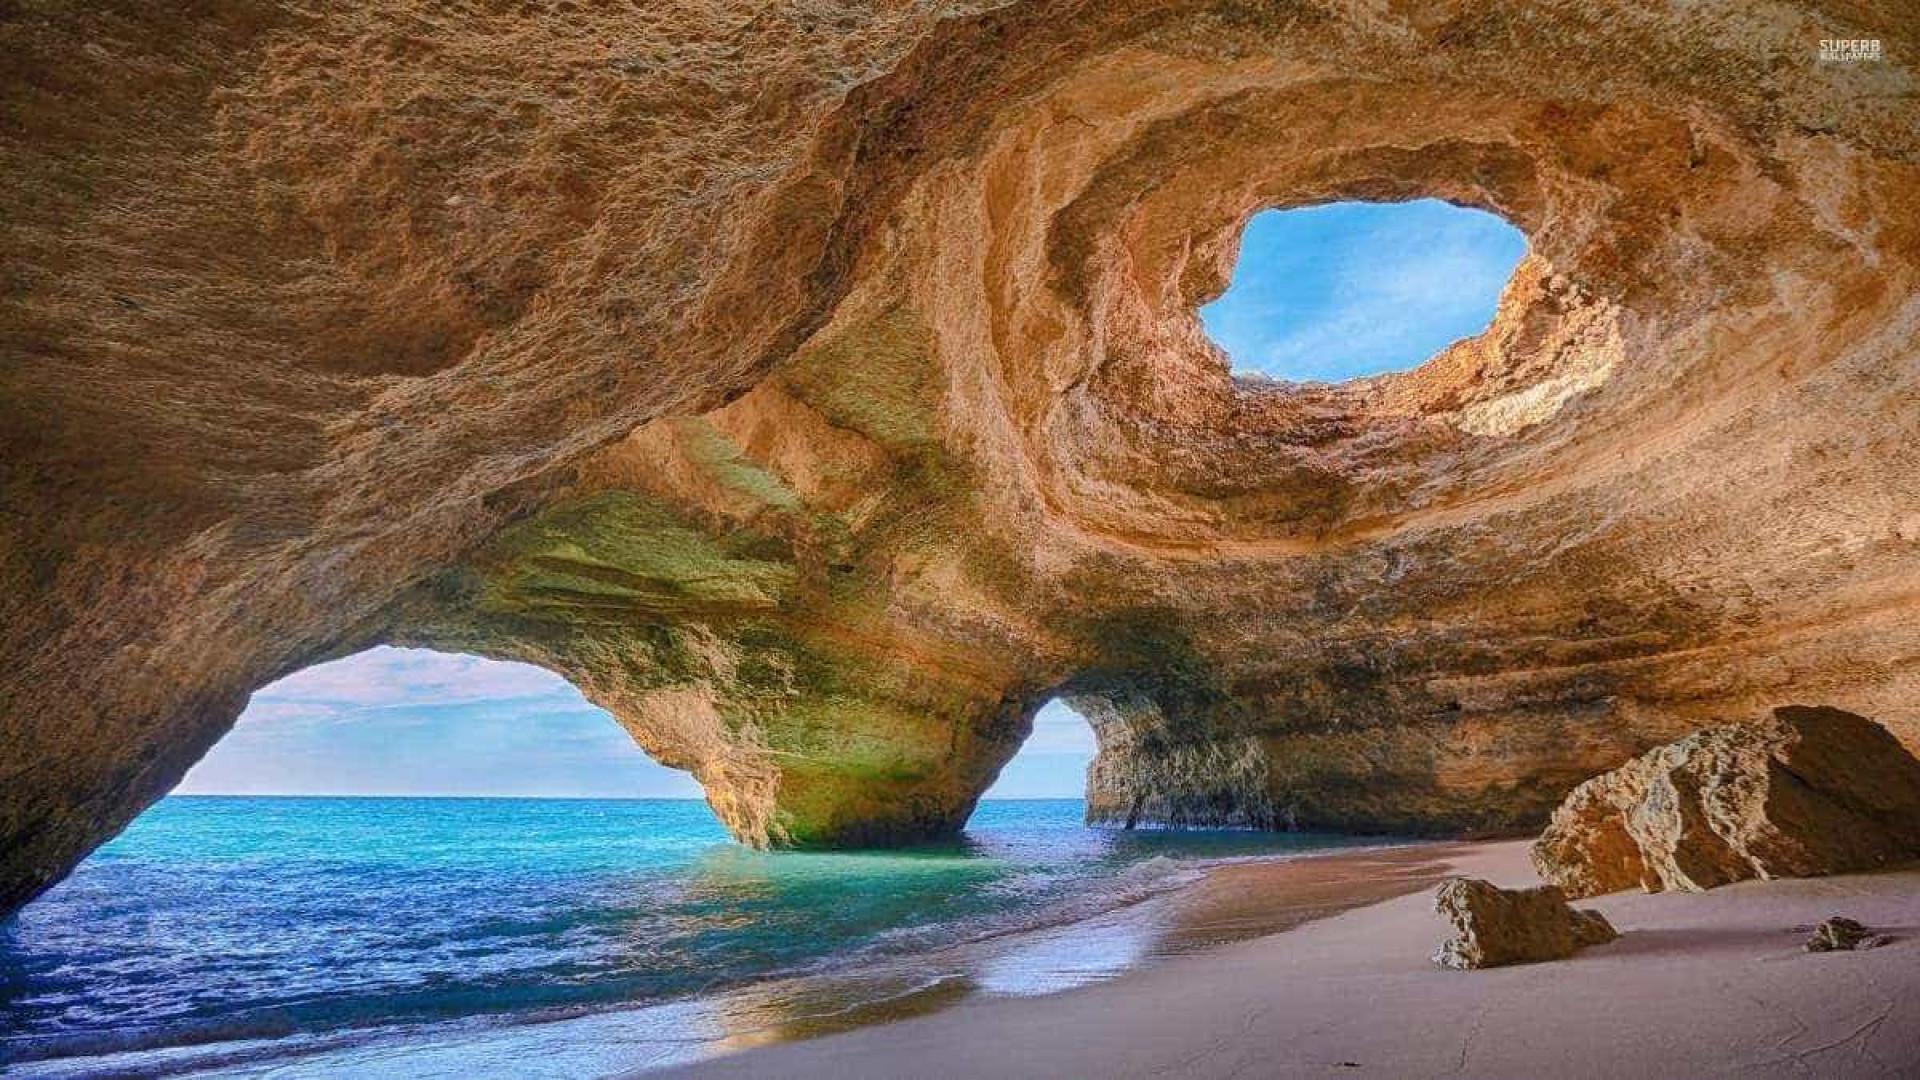 Notcias ao minuto entre os 50 locais mais belos do mundo h um entre os 50 locais mais belos do mundo h um bem portugus altavistaventures Images